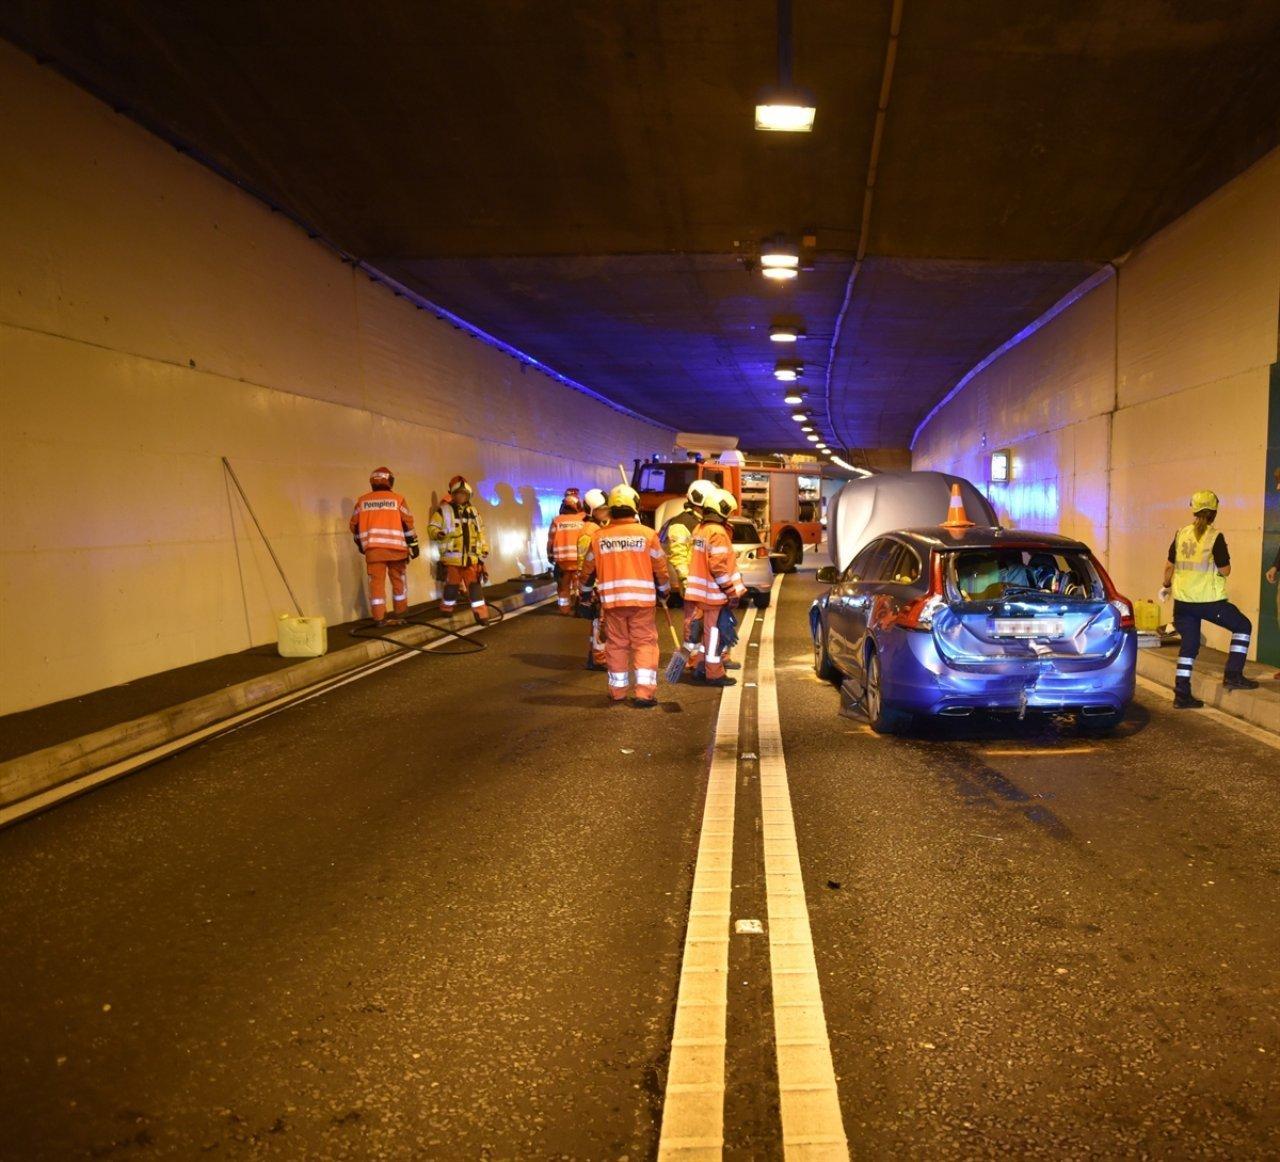 incidente-a-catena-nel-tunnel,-diversi-i-feriti